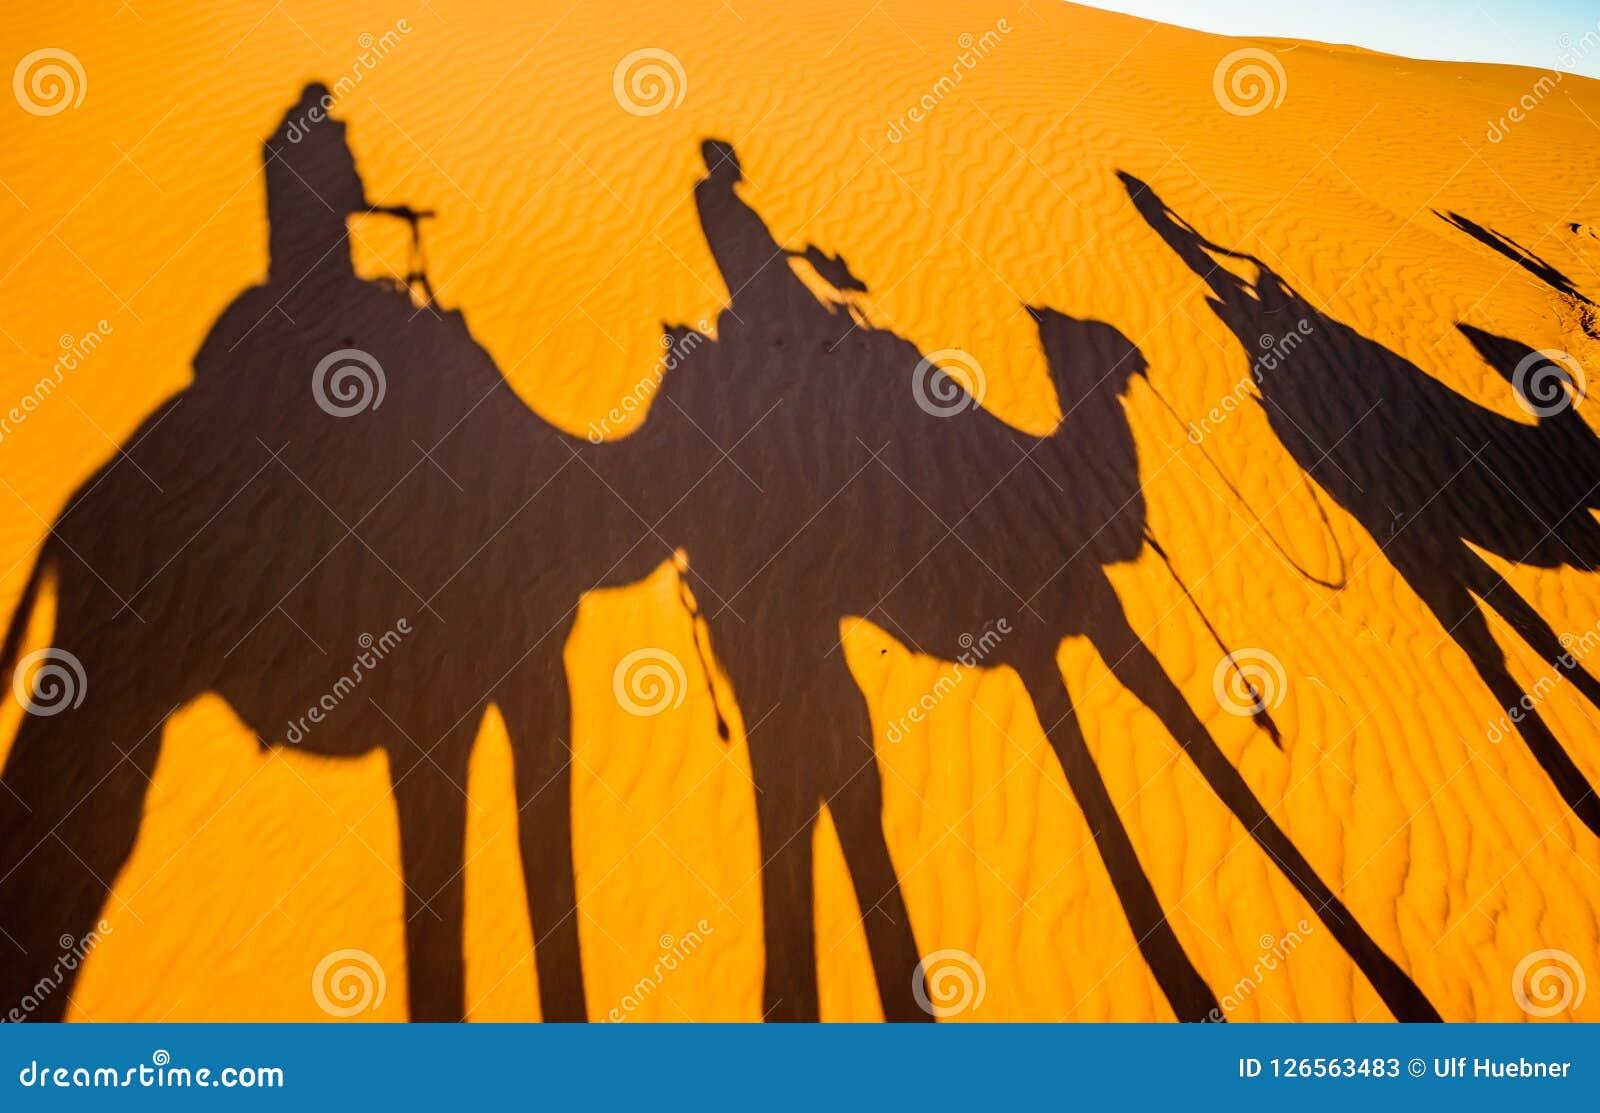 Sombras de camellos en la arena del desierto del Sáhara - Marruecos